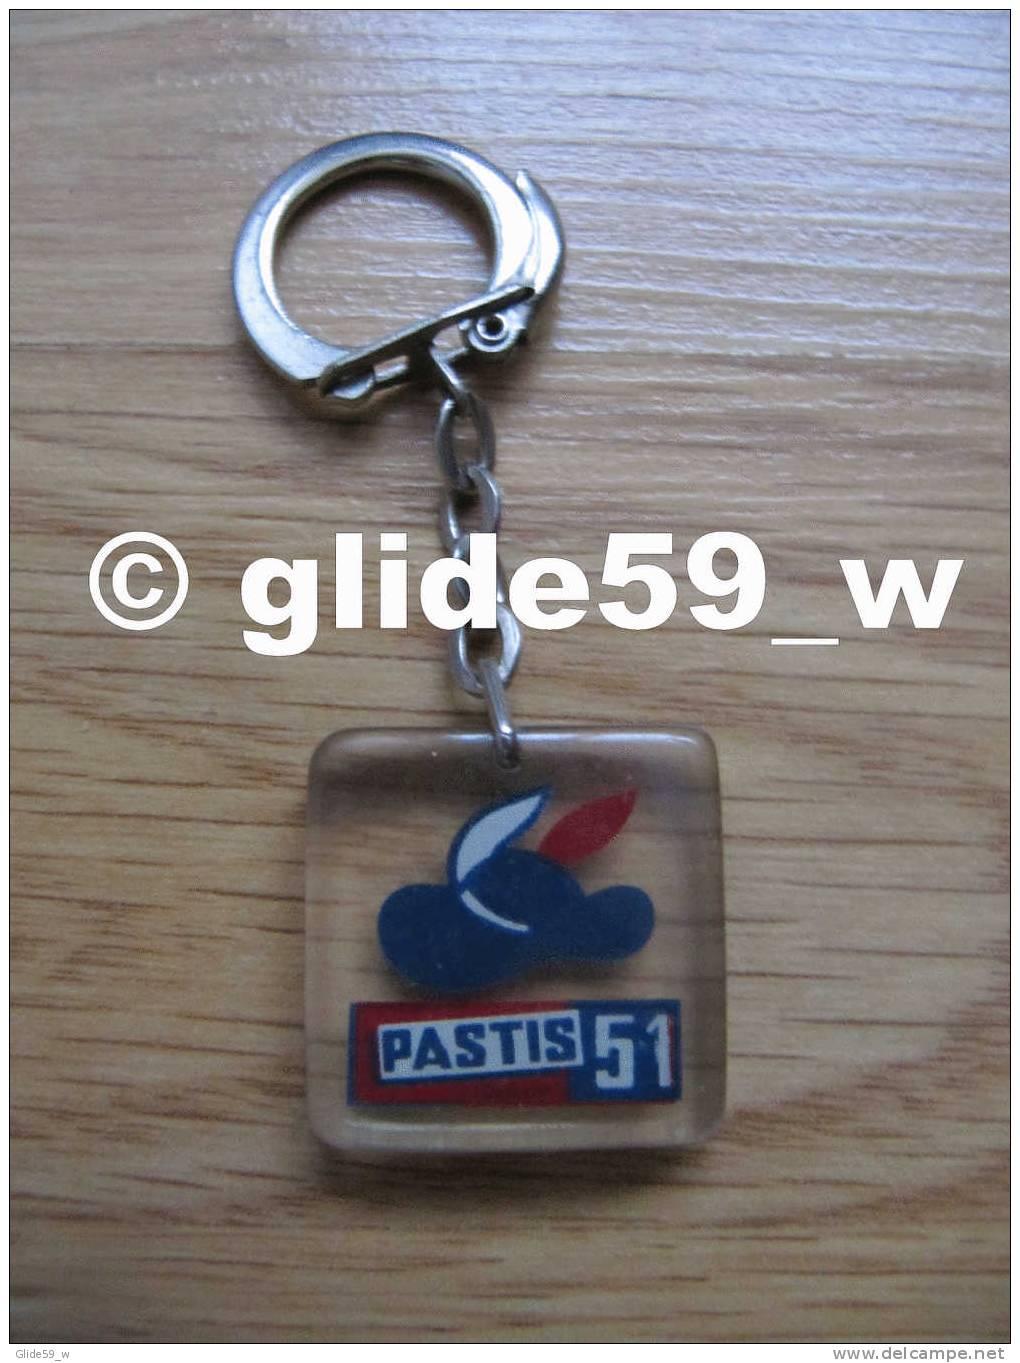 Porte-clés Plastique PASTIS 51 (Bourbon) - N° 2 - Porte-clefs